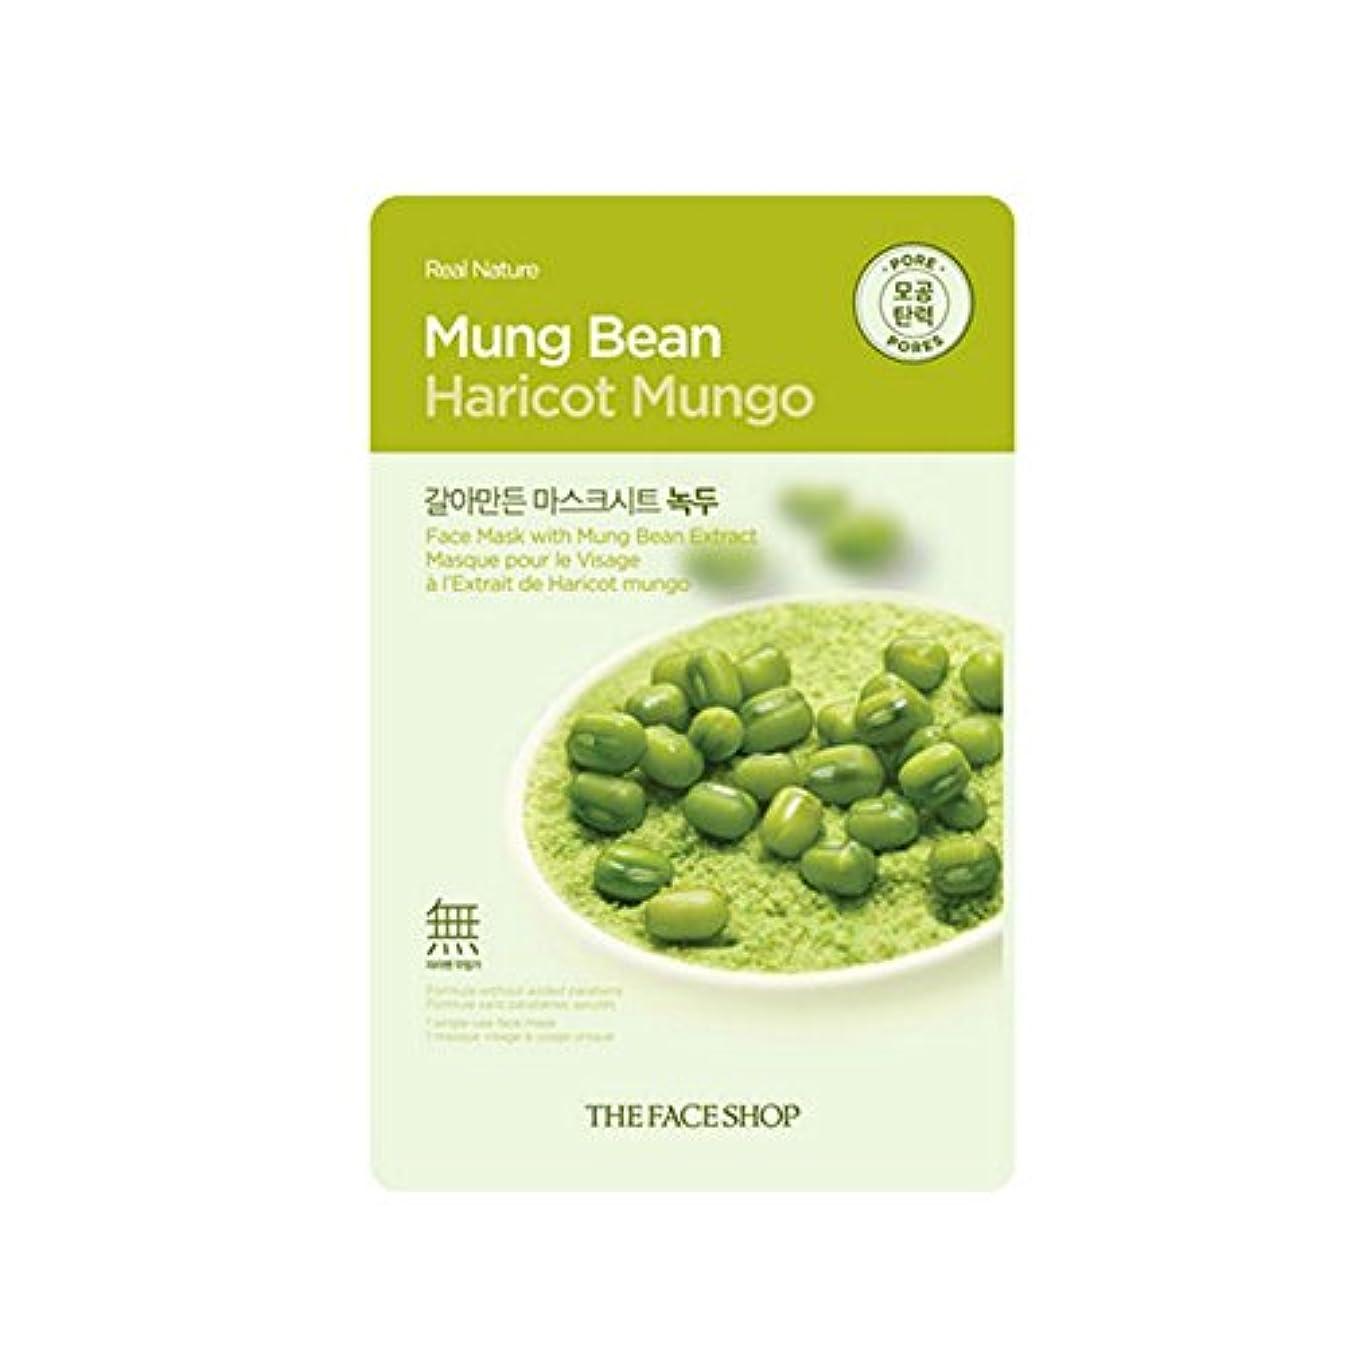 マウンド悲しいことに充実[The Face Shop] ザフェイスショップ リアルネイチャーマスクシート Real Nature Mask Sheet (Mung Bean (緑豆) 10個) [並行輸入品]